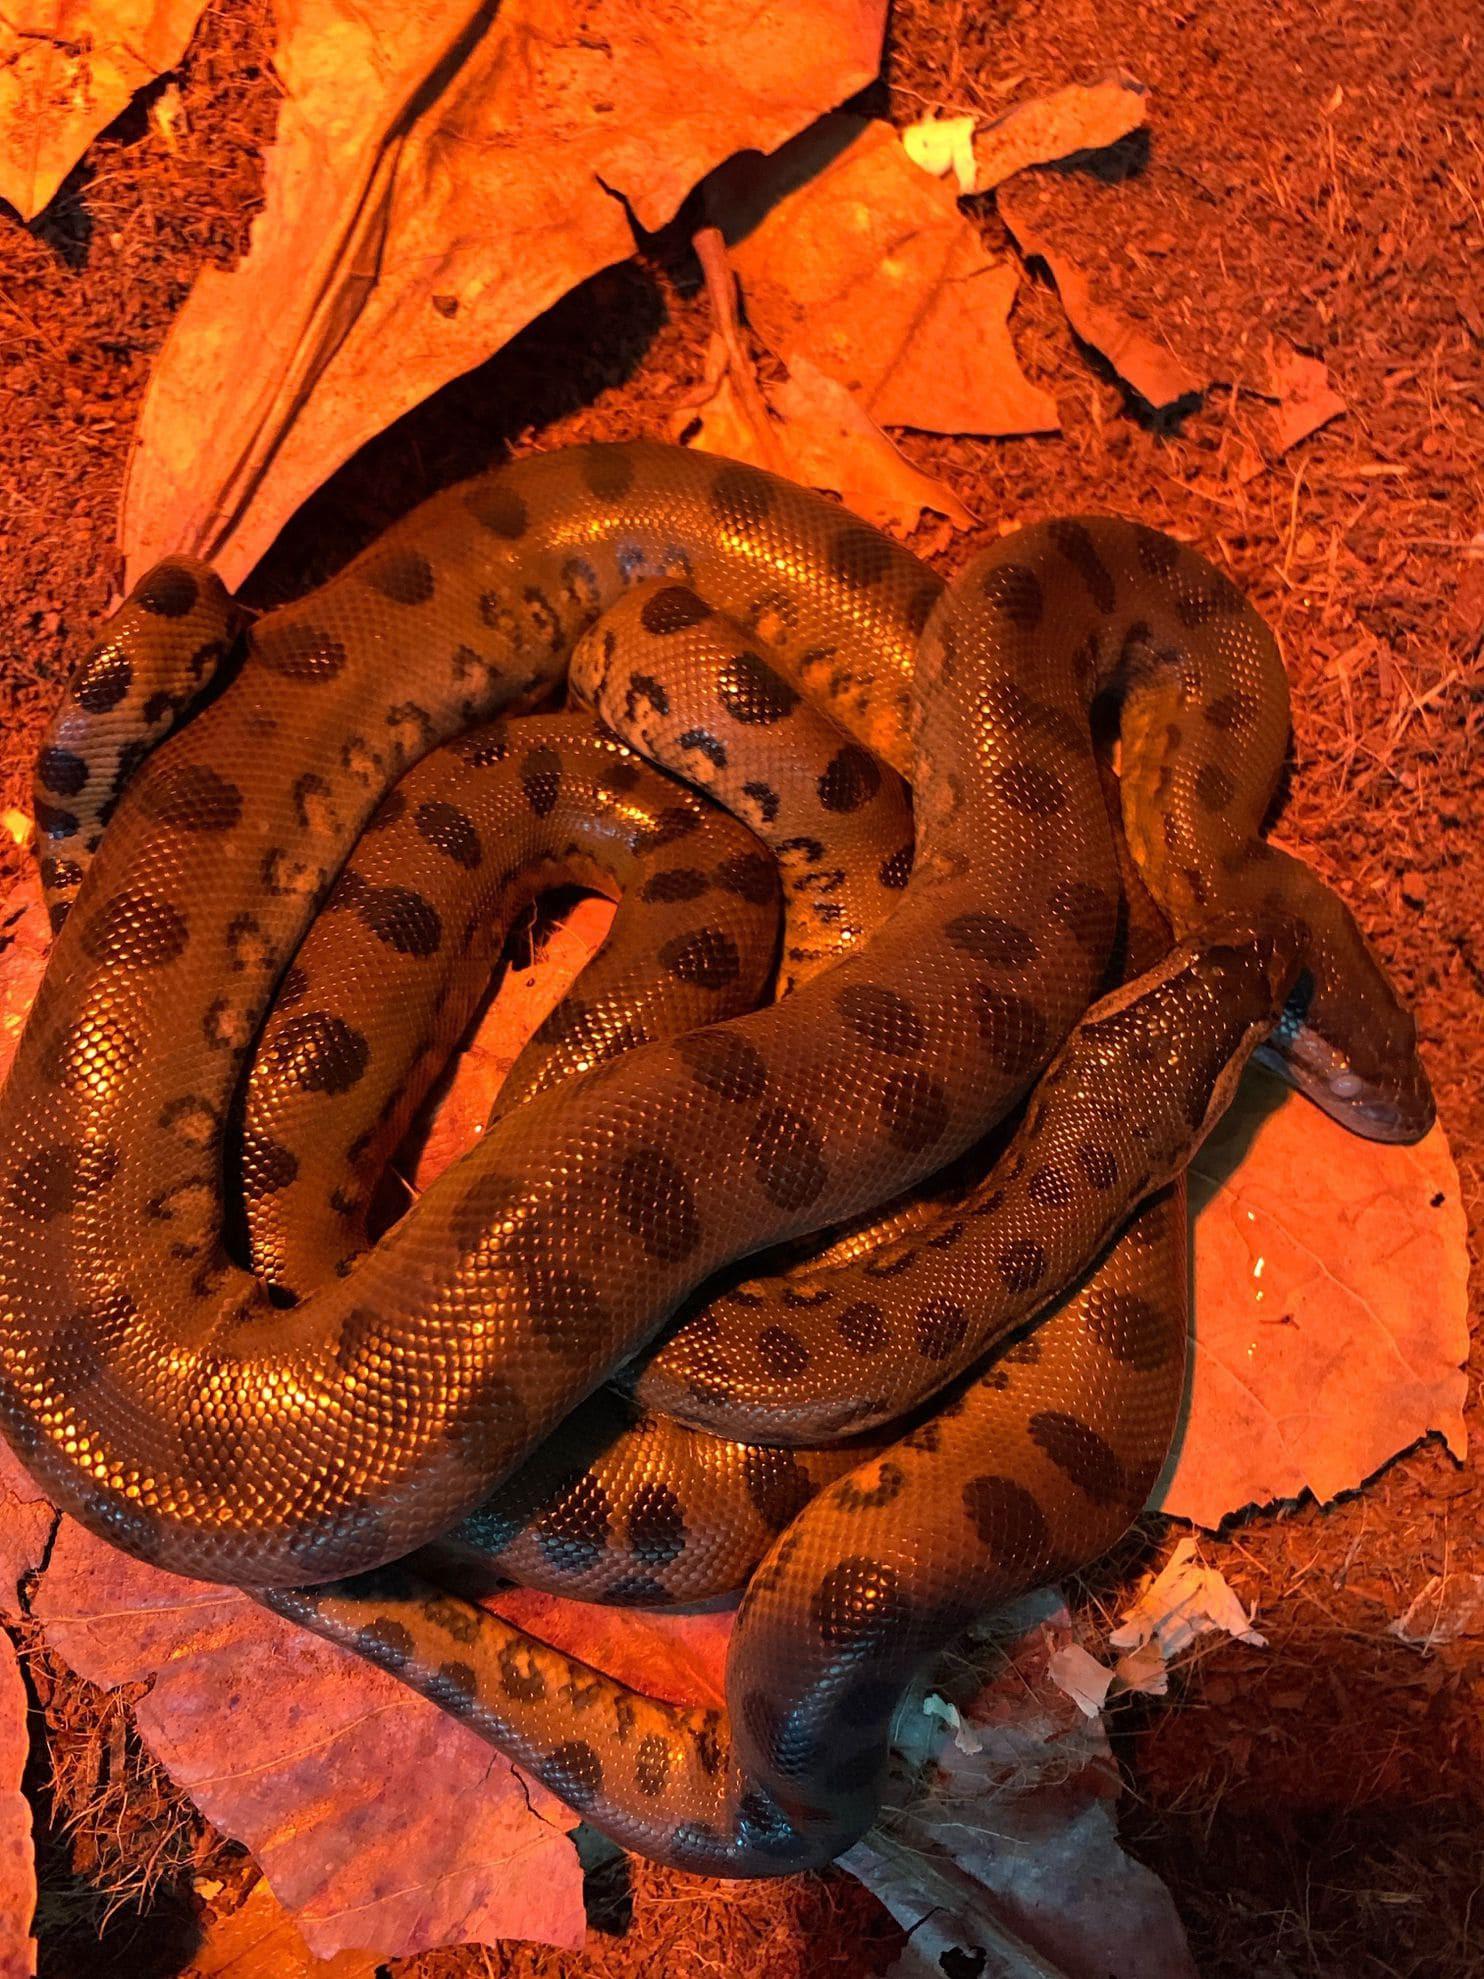 Giải mã bí ẩn trăn Anaconda khổng lồ trong sở thú bỗng dưng đẻ con dù cả đời chẳng biết đến mùi trai là gì - Ảnh 2.